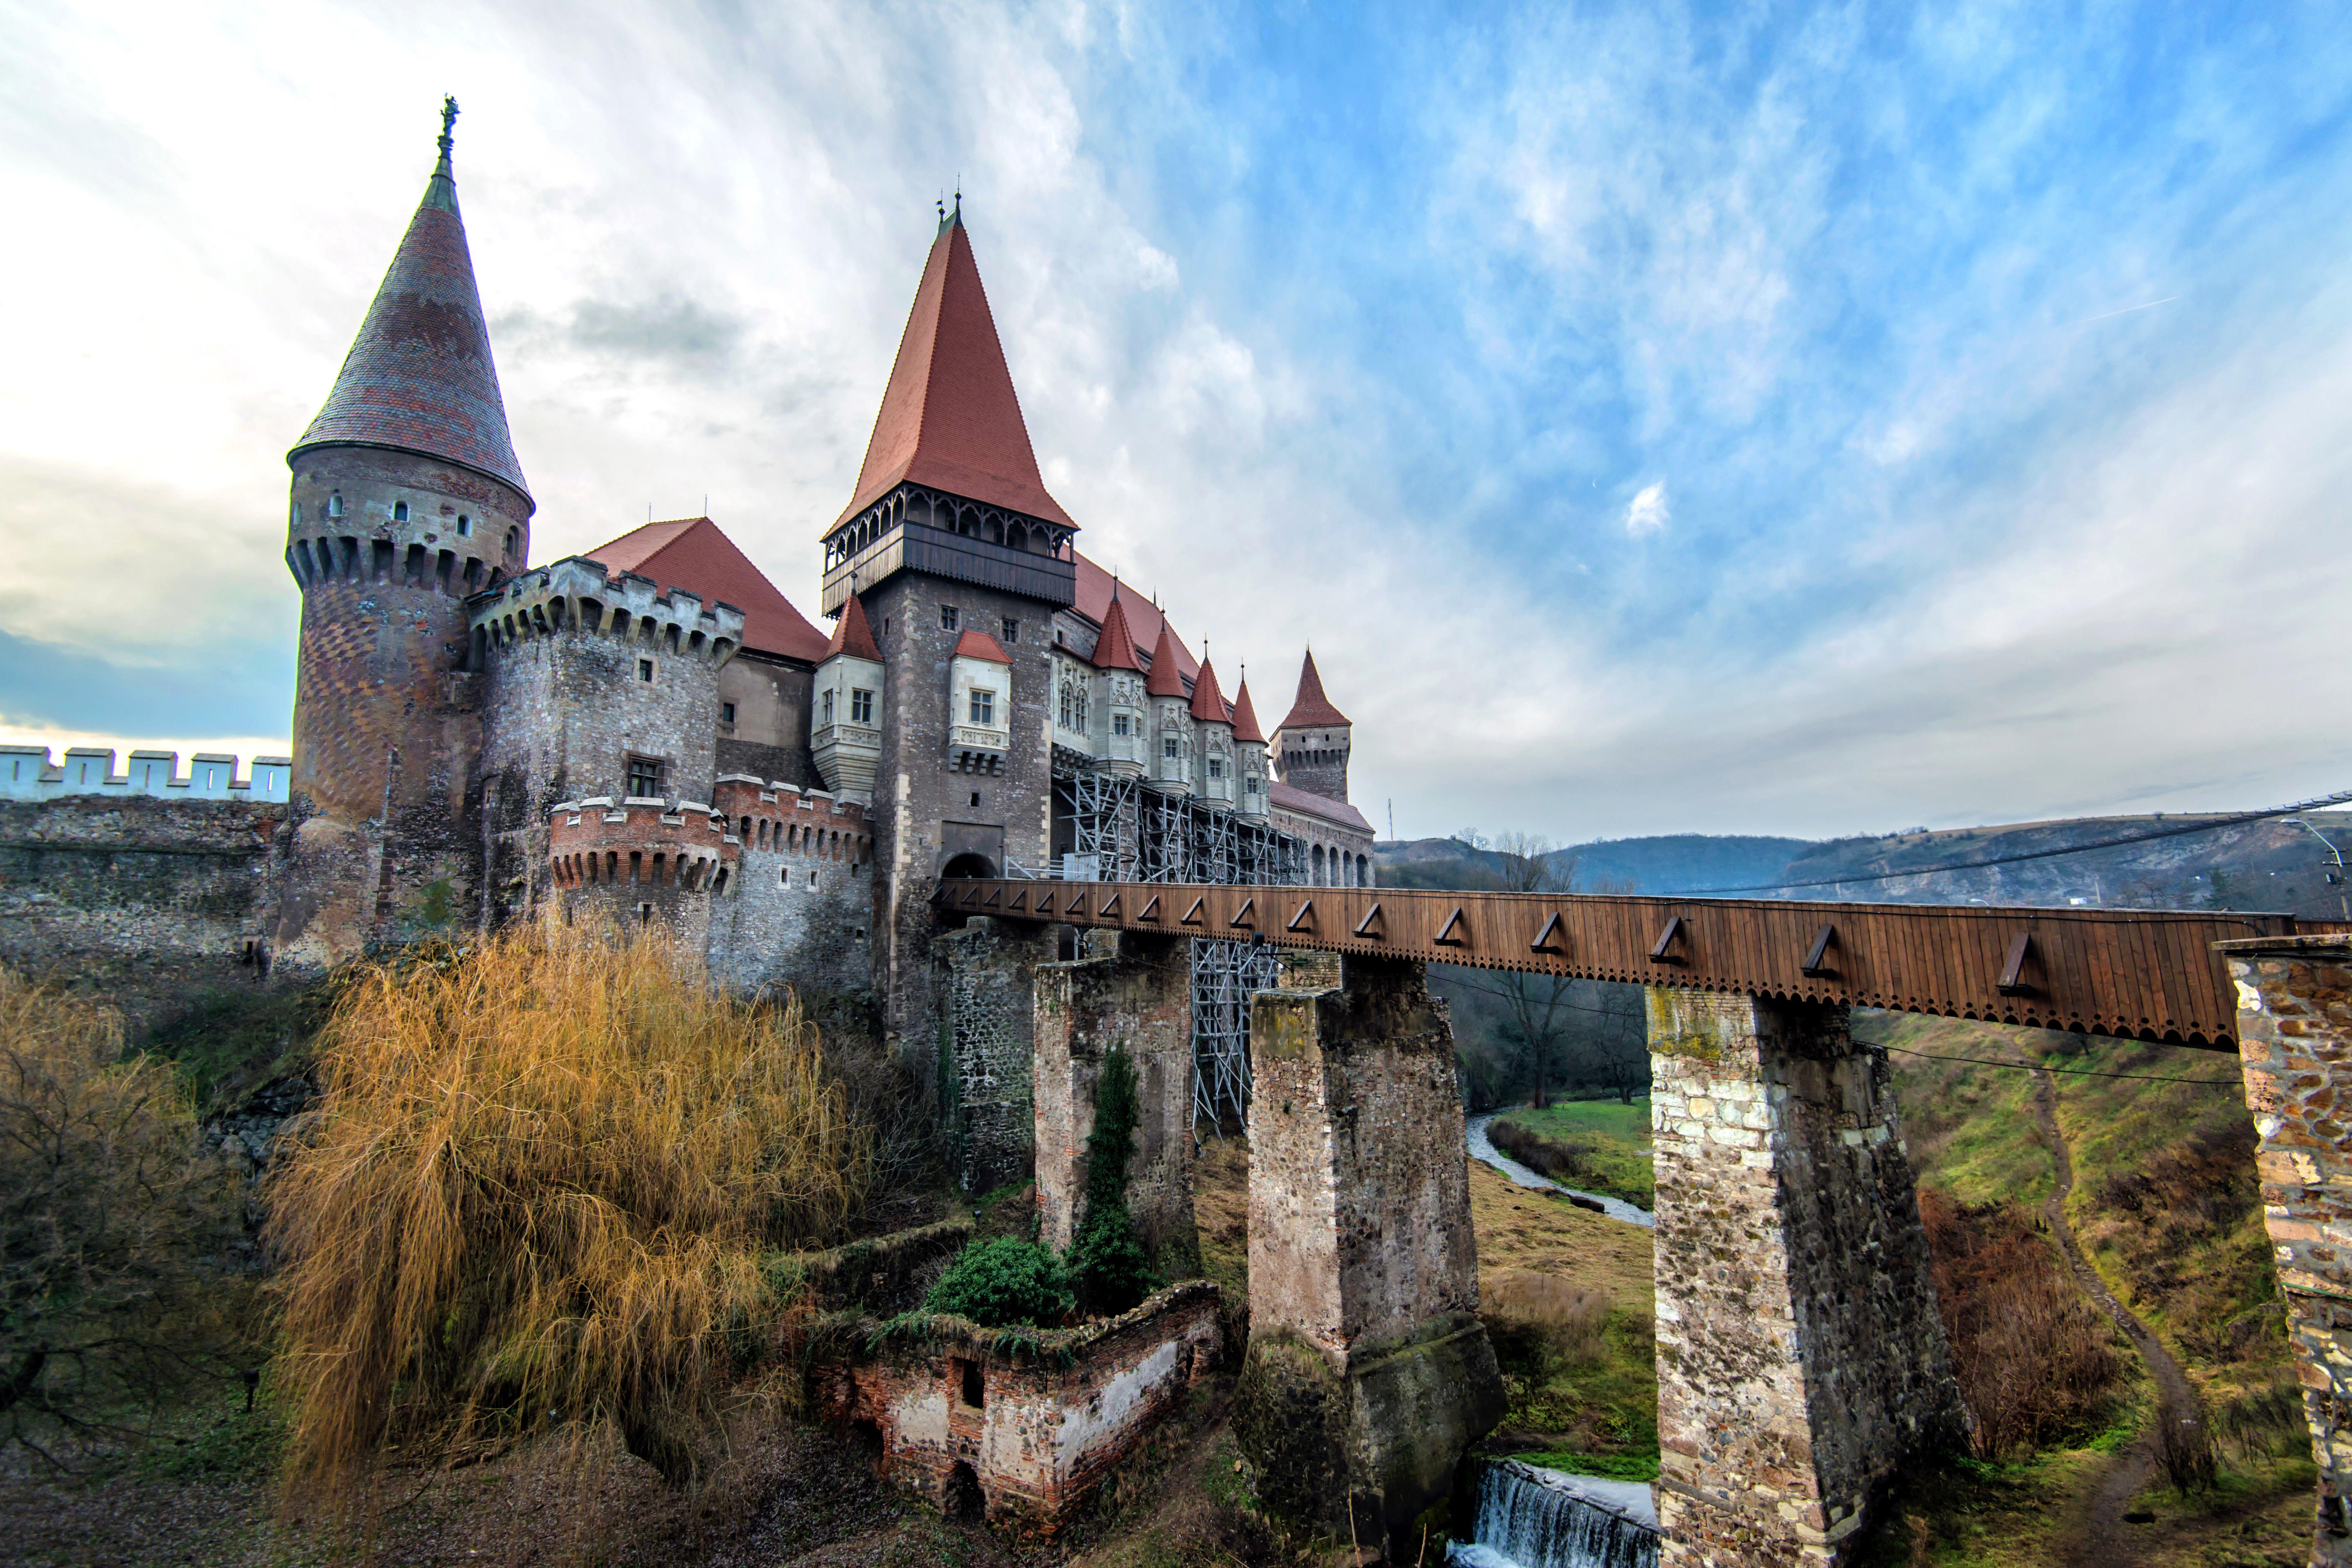 Castillo de Corvin y el paisaje circundante, una fuente de inspiración para el Castillo de Drácula de Bram Stoker